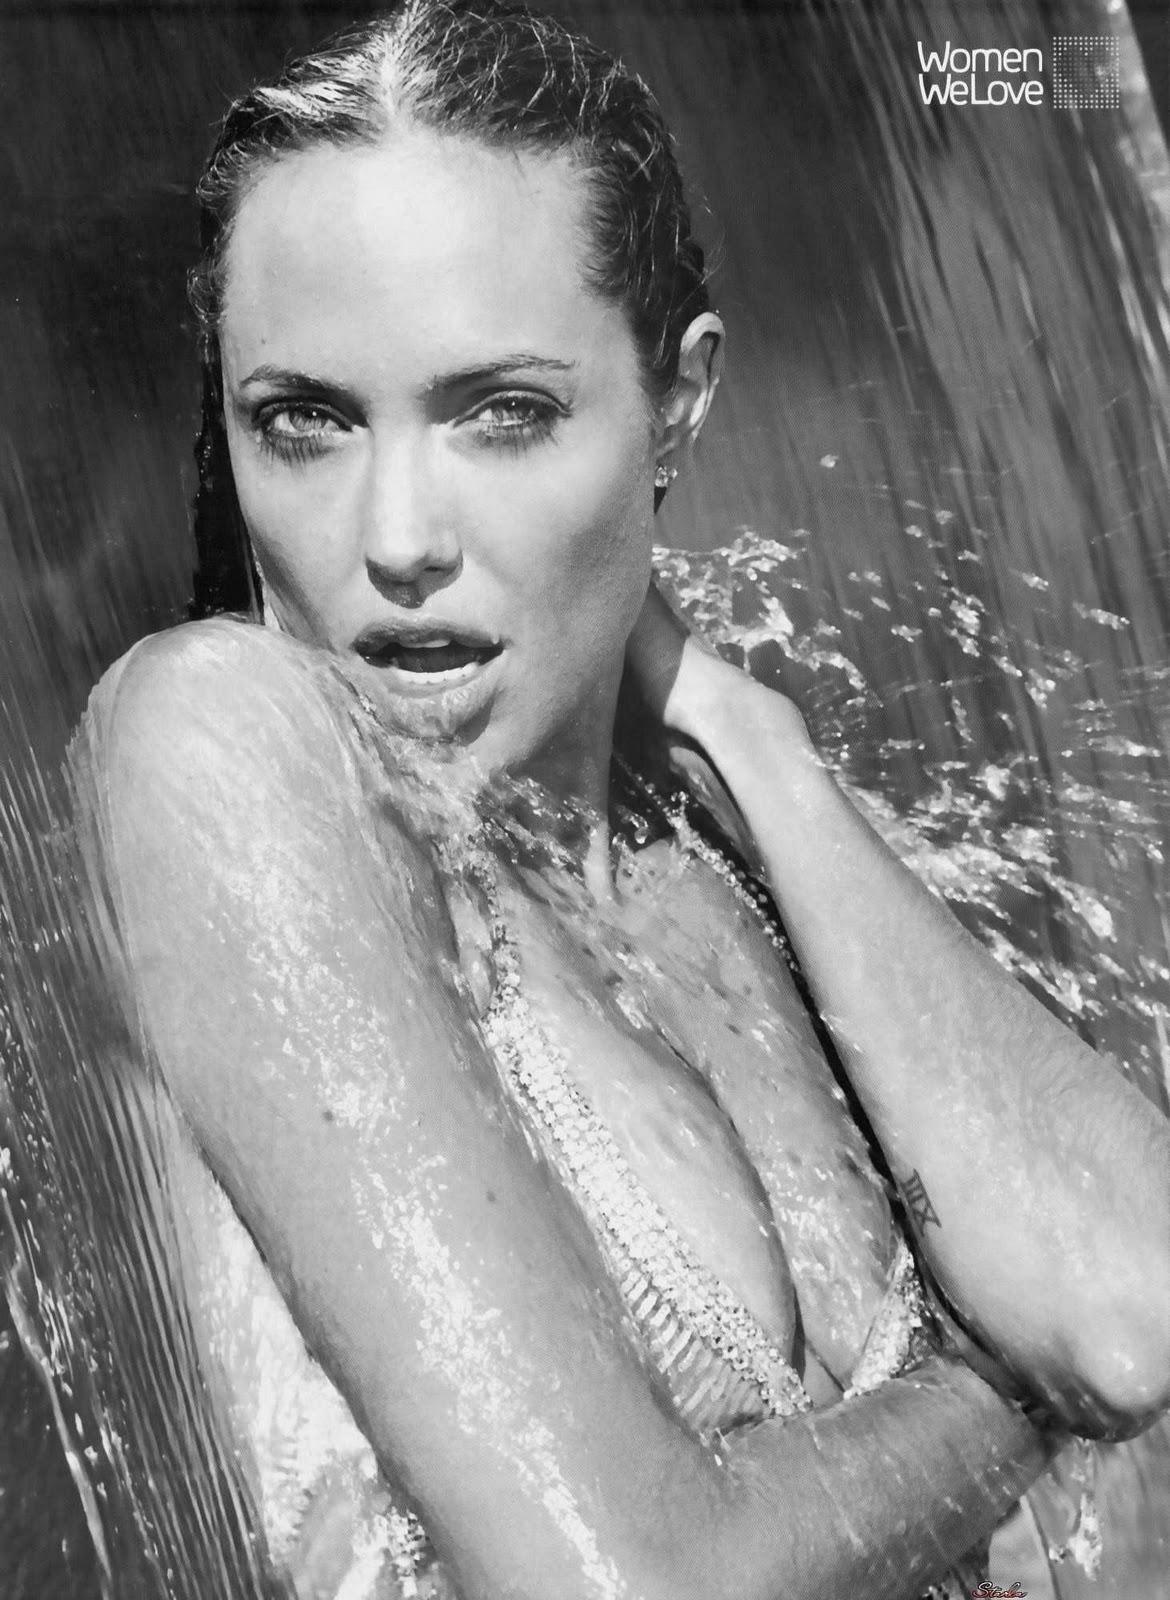 http://4.bp.blogspot.com/-kfBSp7Fxnf8/Tq6rEzO7K0I/AAAAAAAAA_8/B7nwj494Hj8/s1600/angelina-jolie-hot.jpg